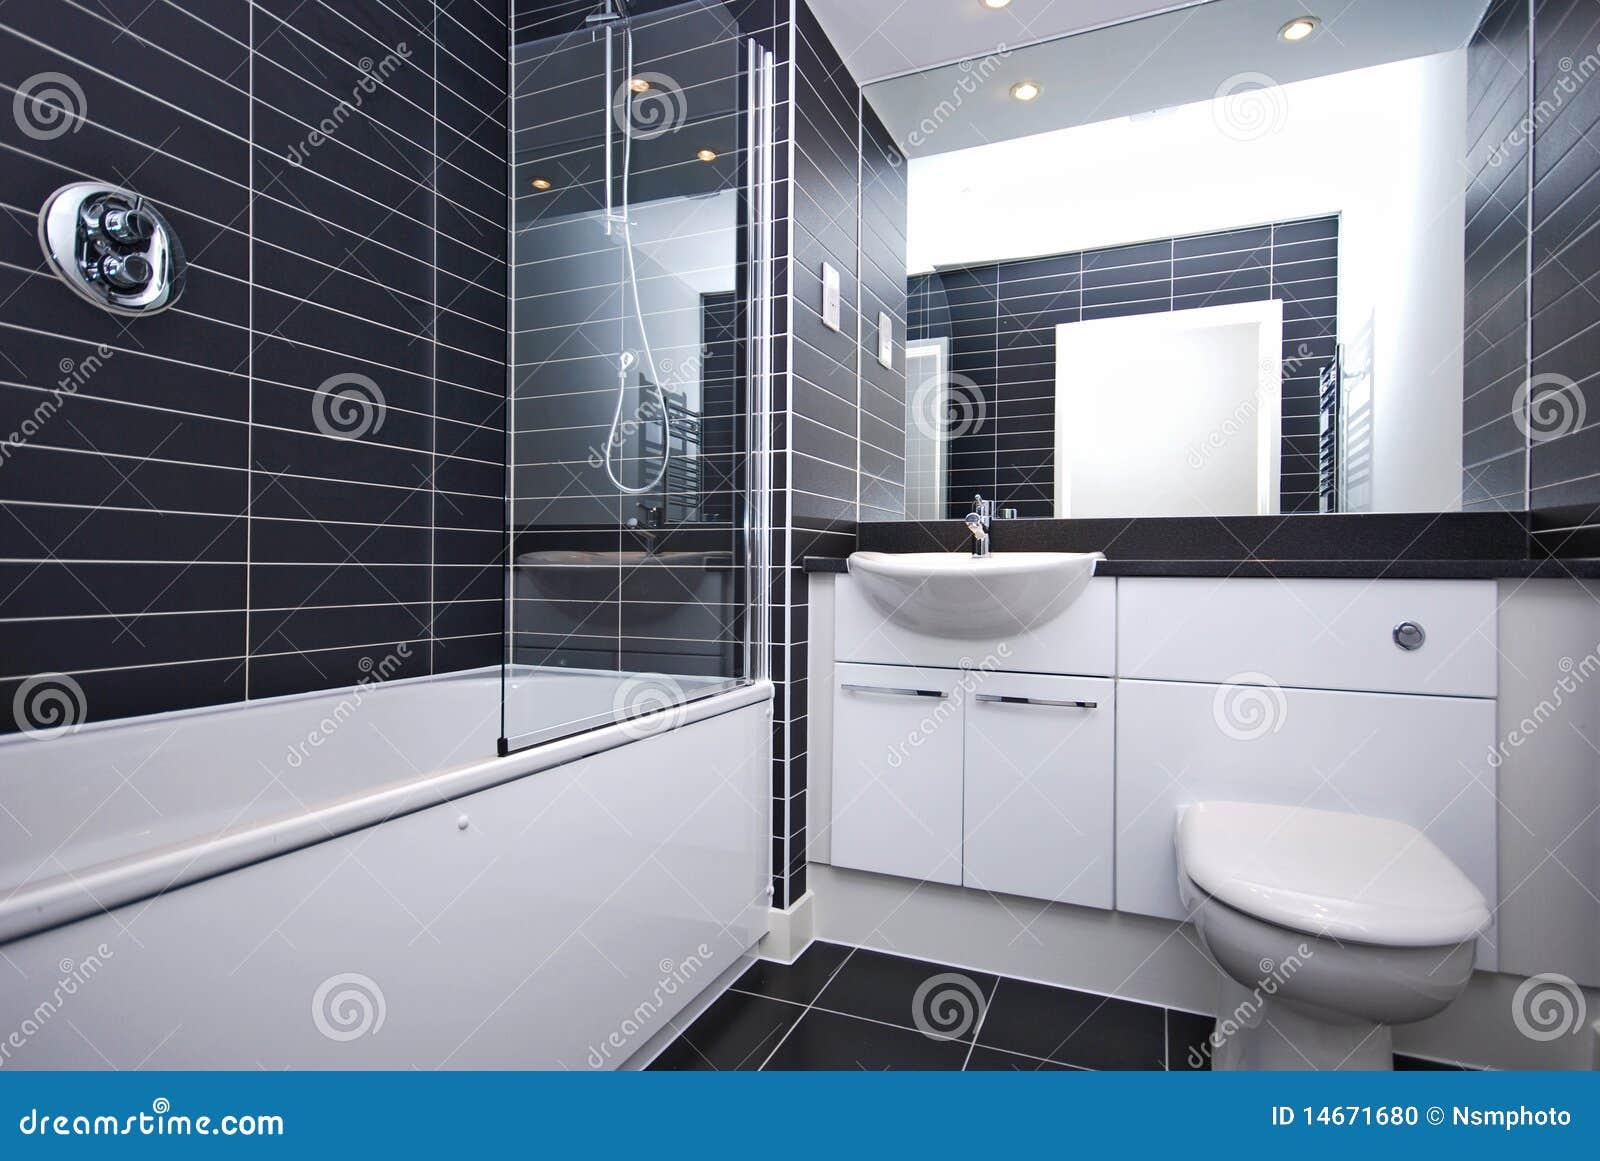 Modernes Neues Badezimmer In Schwarzweiss